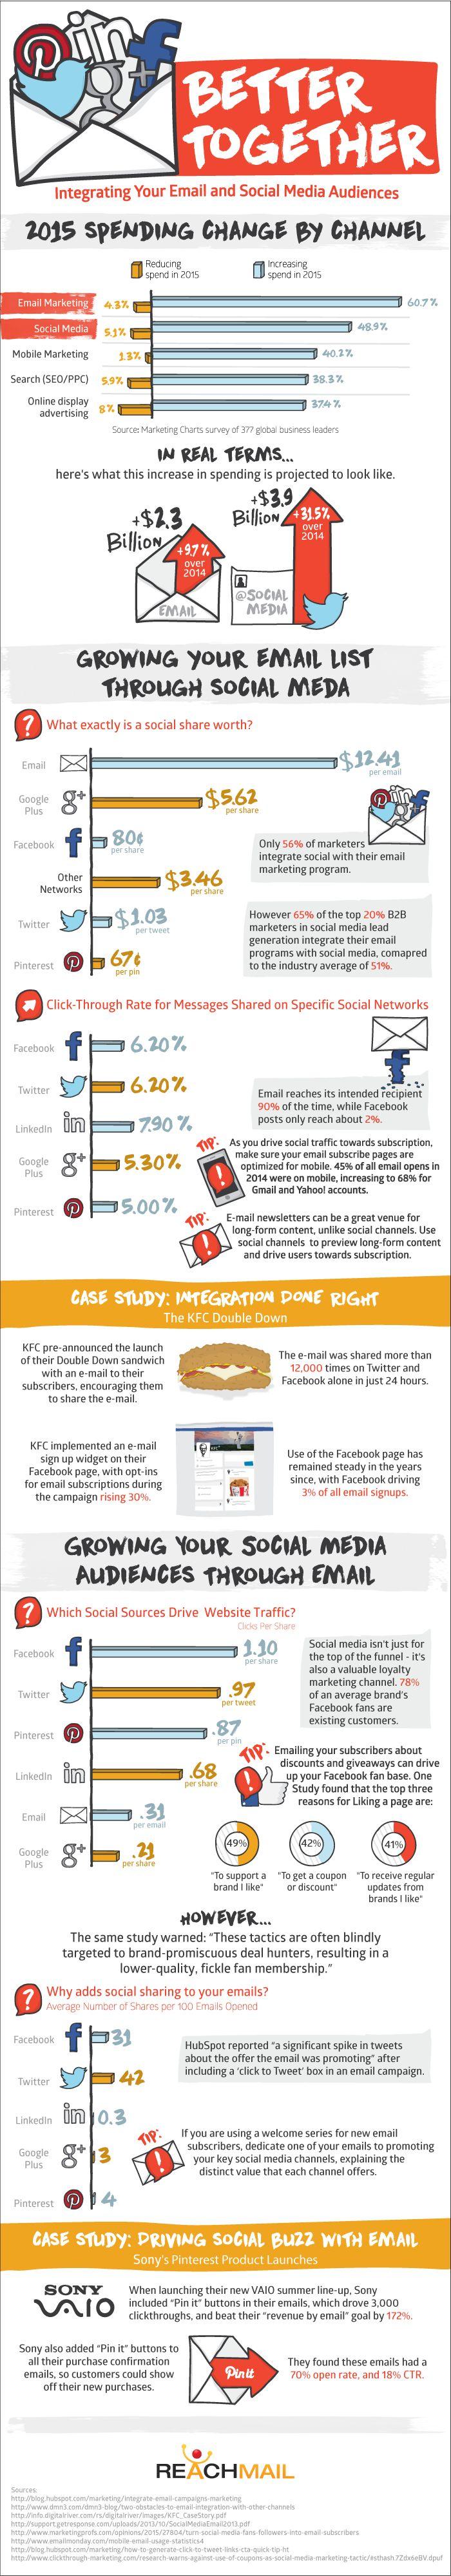 Why Social Media Marketing Books important for online marketer? http://socialmediamarketingbooks.com/